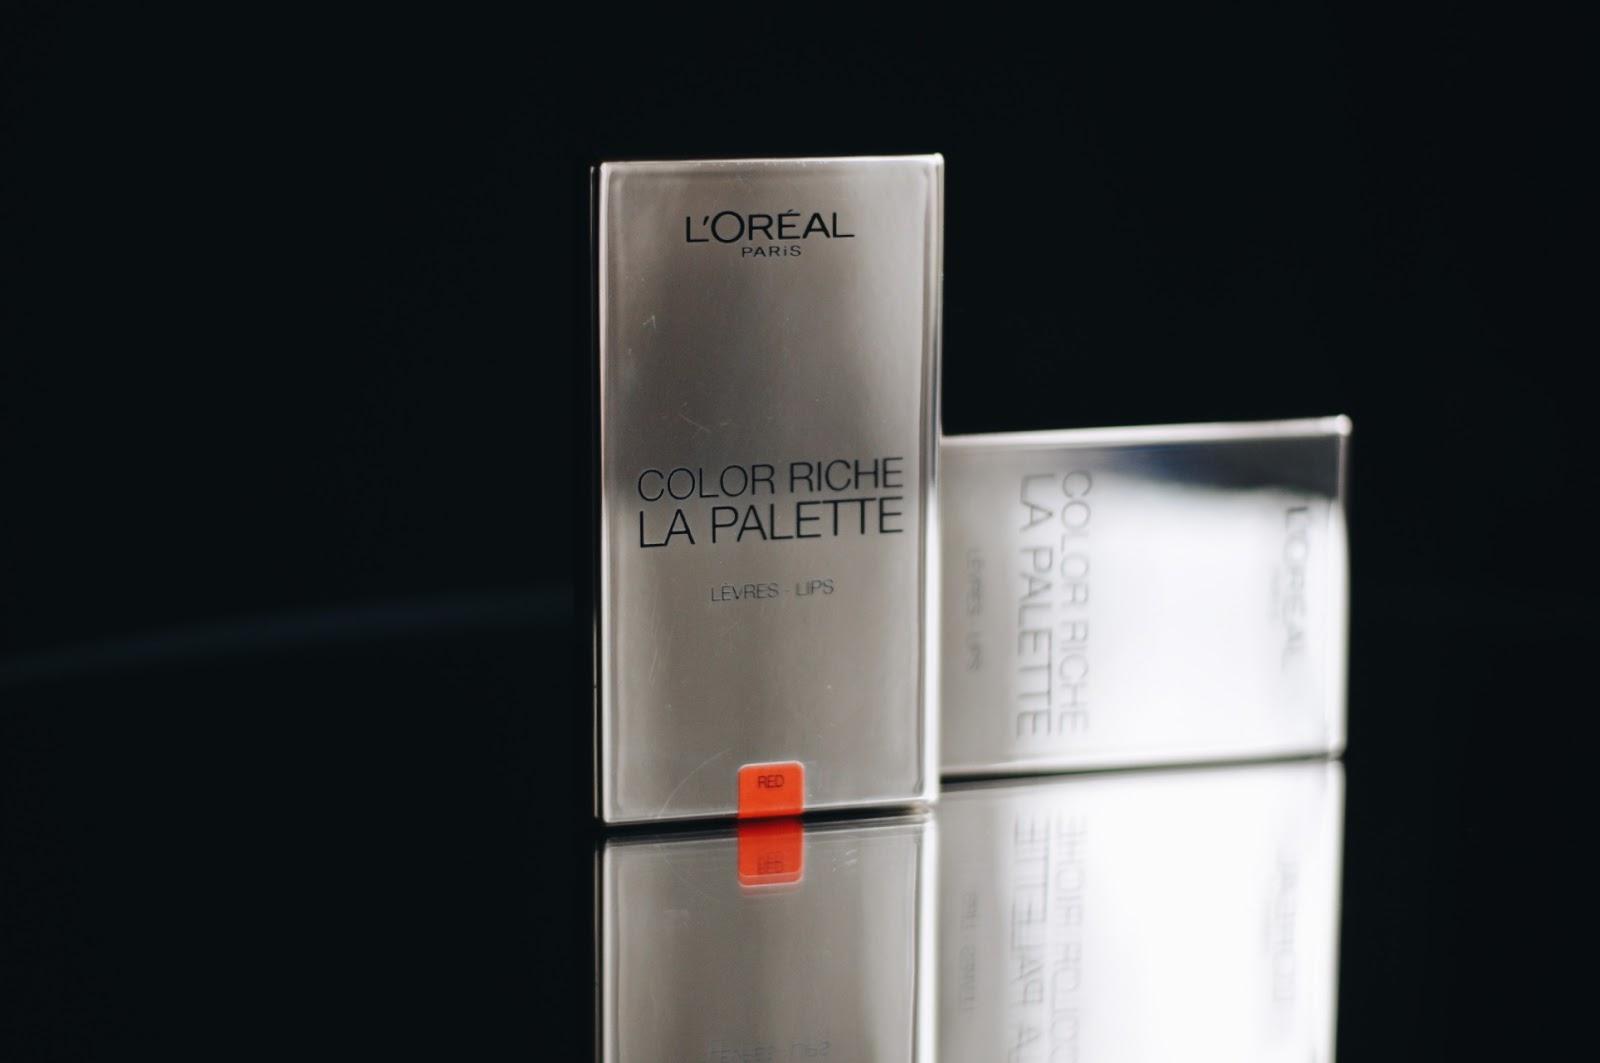 L'Oréal Color Riche La Palette Lips review · atsauksme